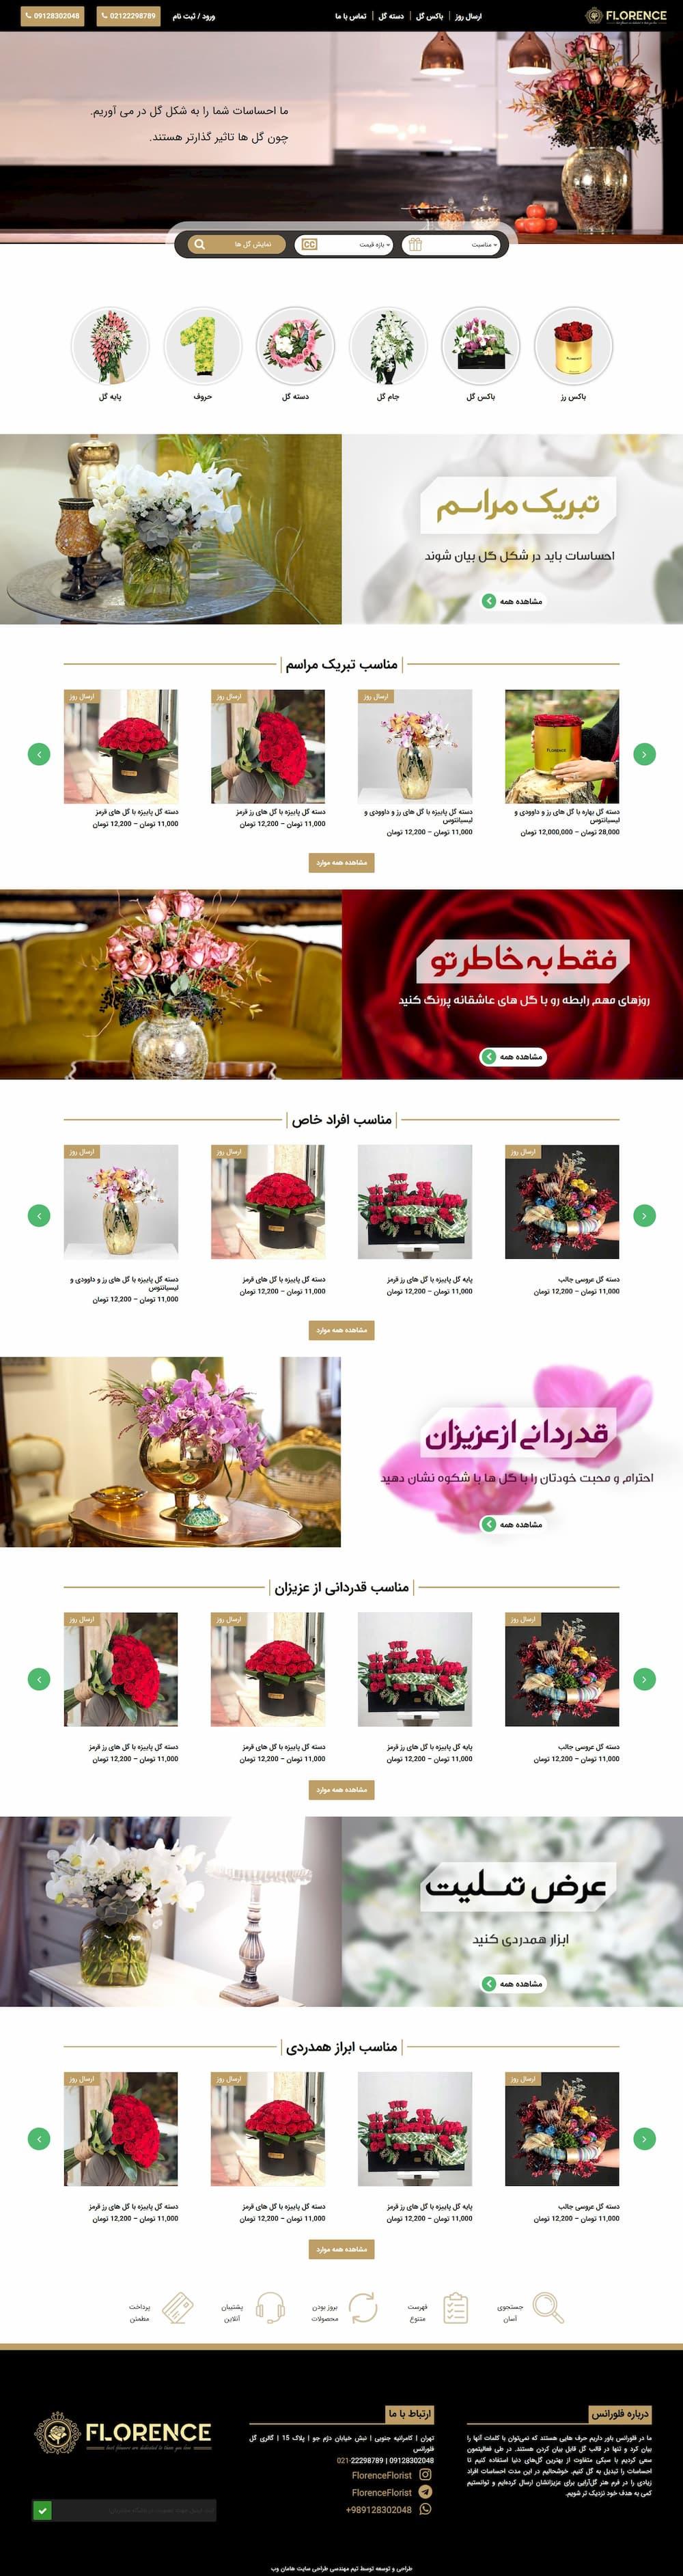 فروشگاه اینترنتی گل فلورانس